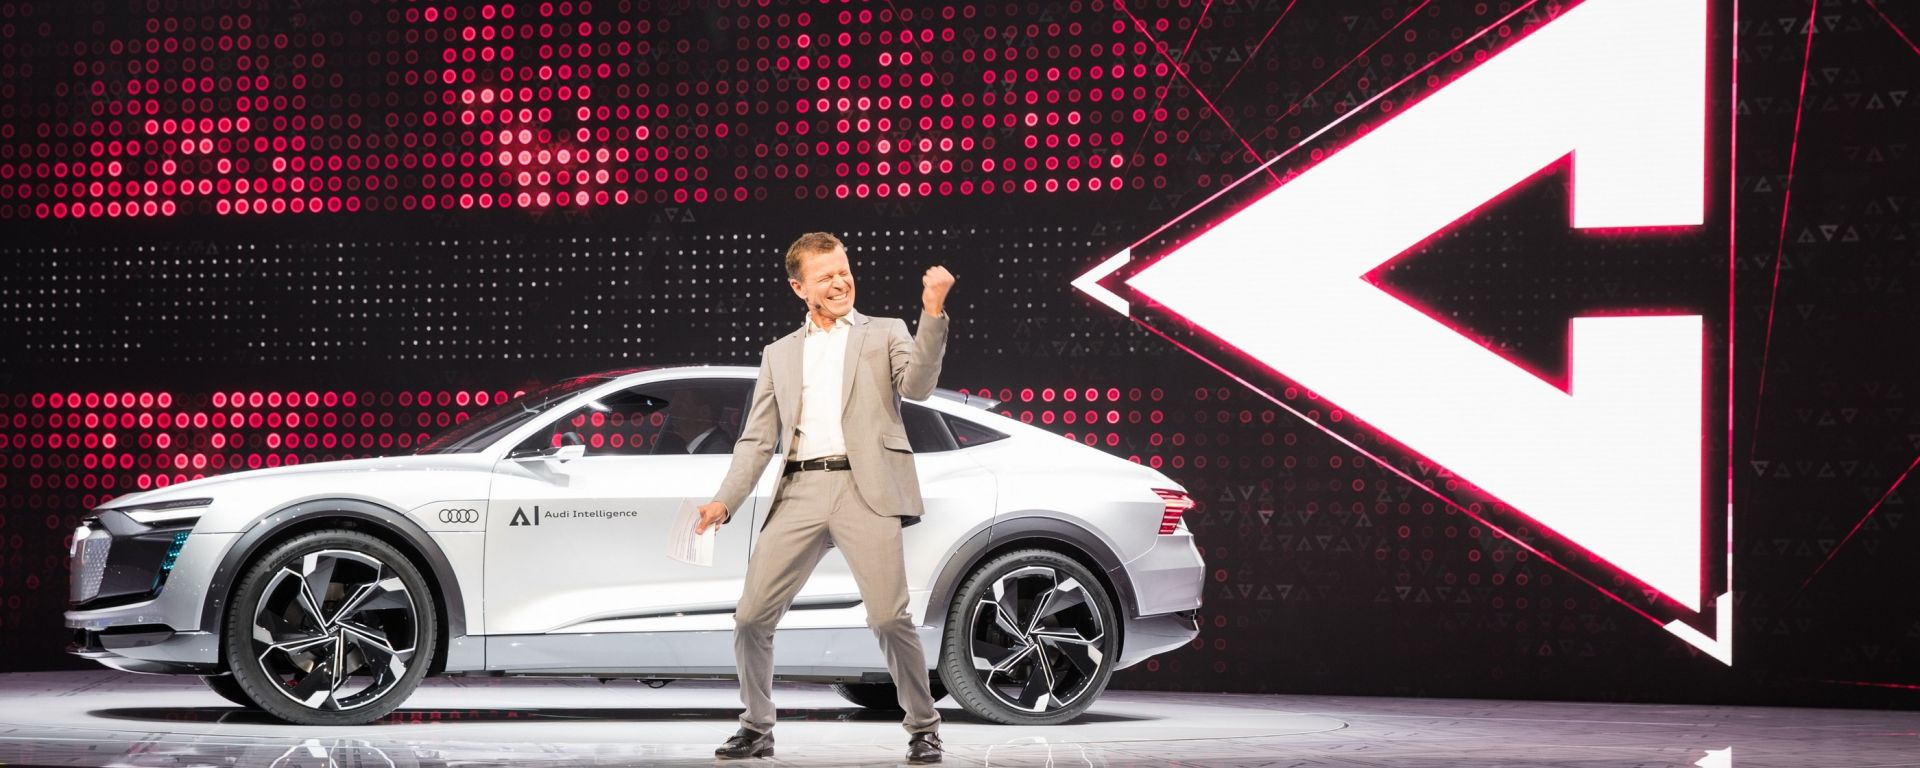 Audi Elaine Concept al Salone dell'auto di Francoforte 2017